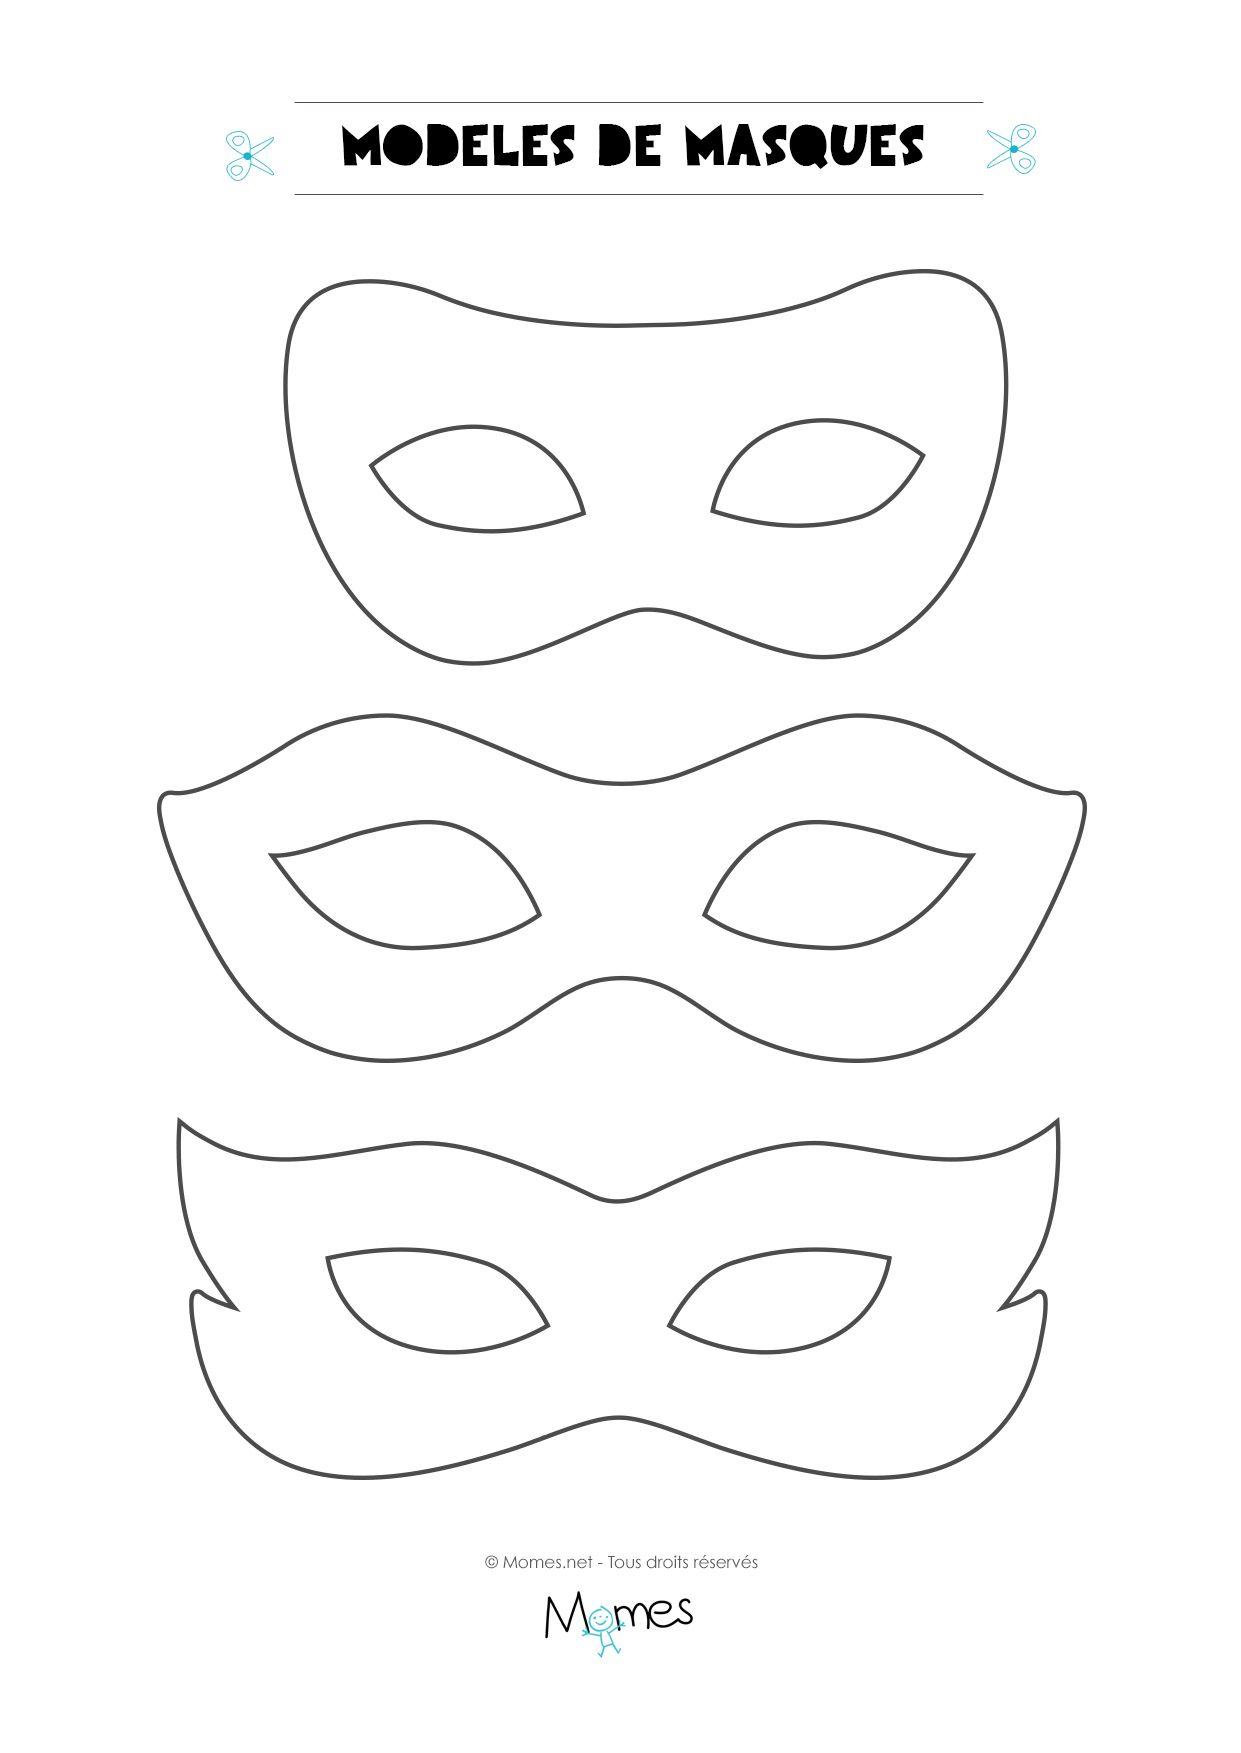 6 Modèles De Masques Pour Le Carnaval | Modèle De Masque intérieur Masque Maternelle